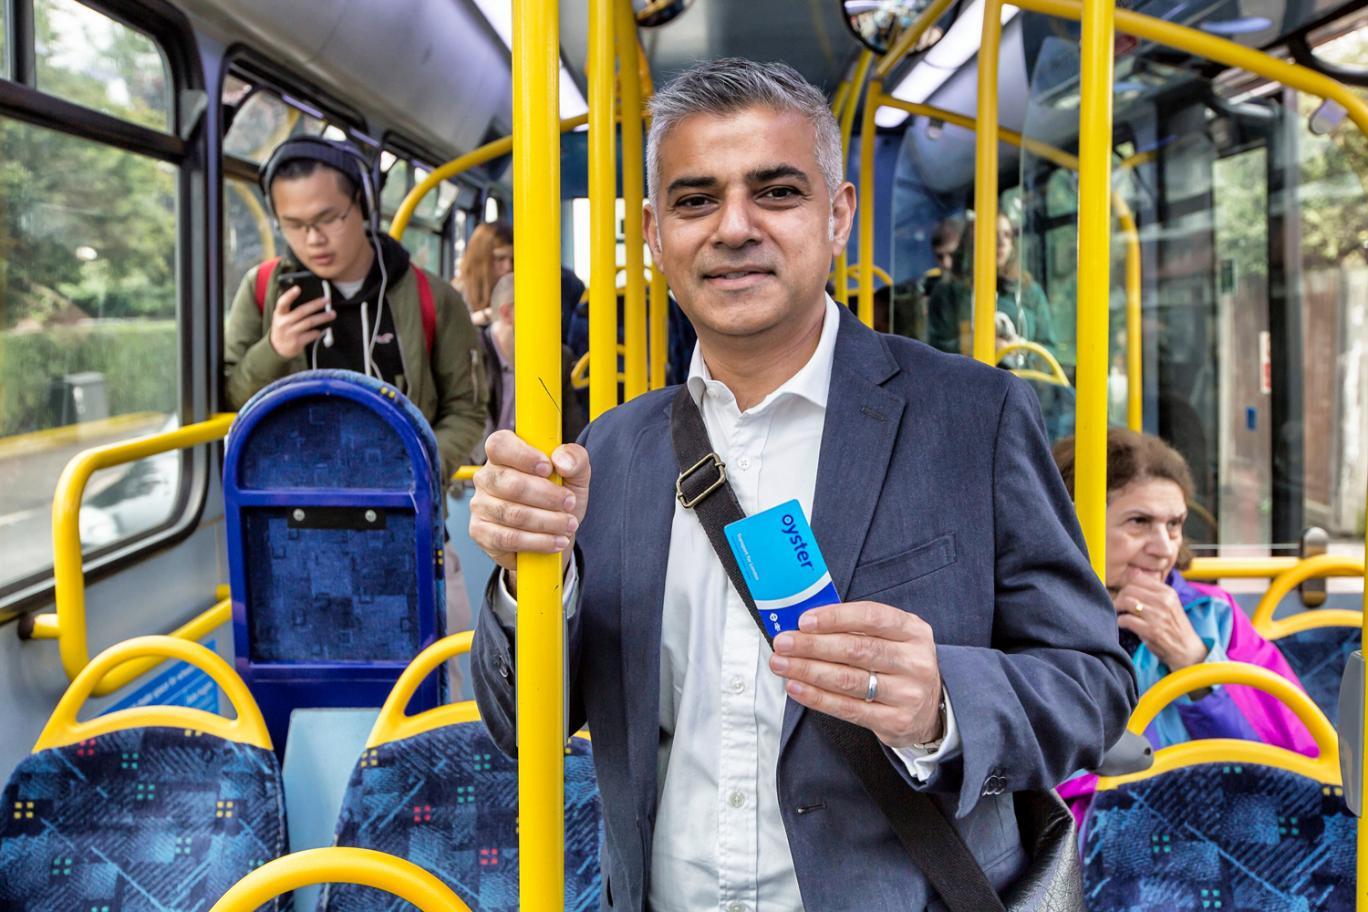 Új £1.50-os korlátlan buszjegy jöhet Londonban 6